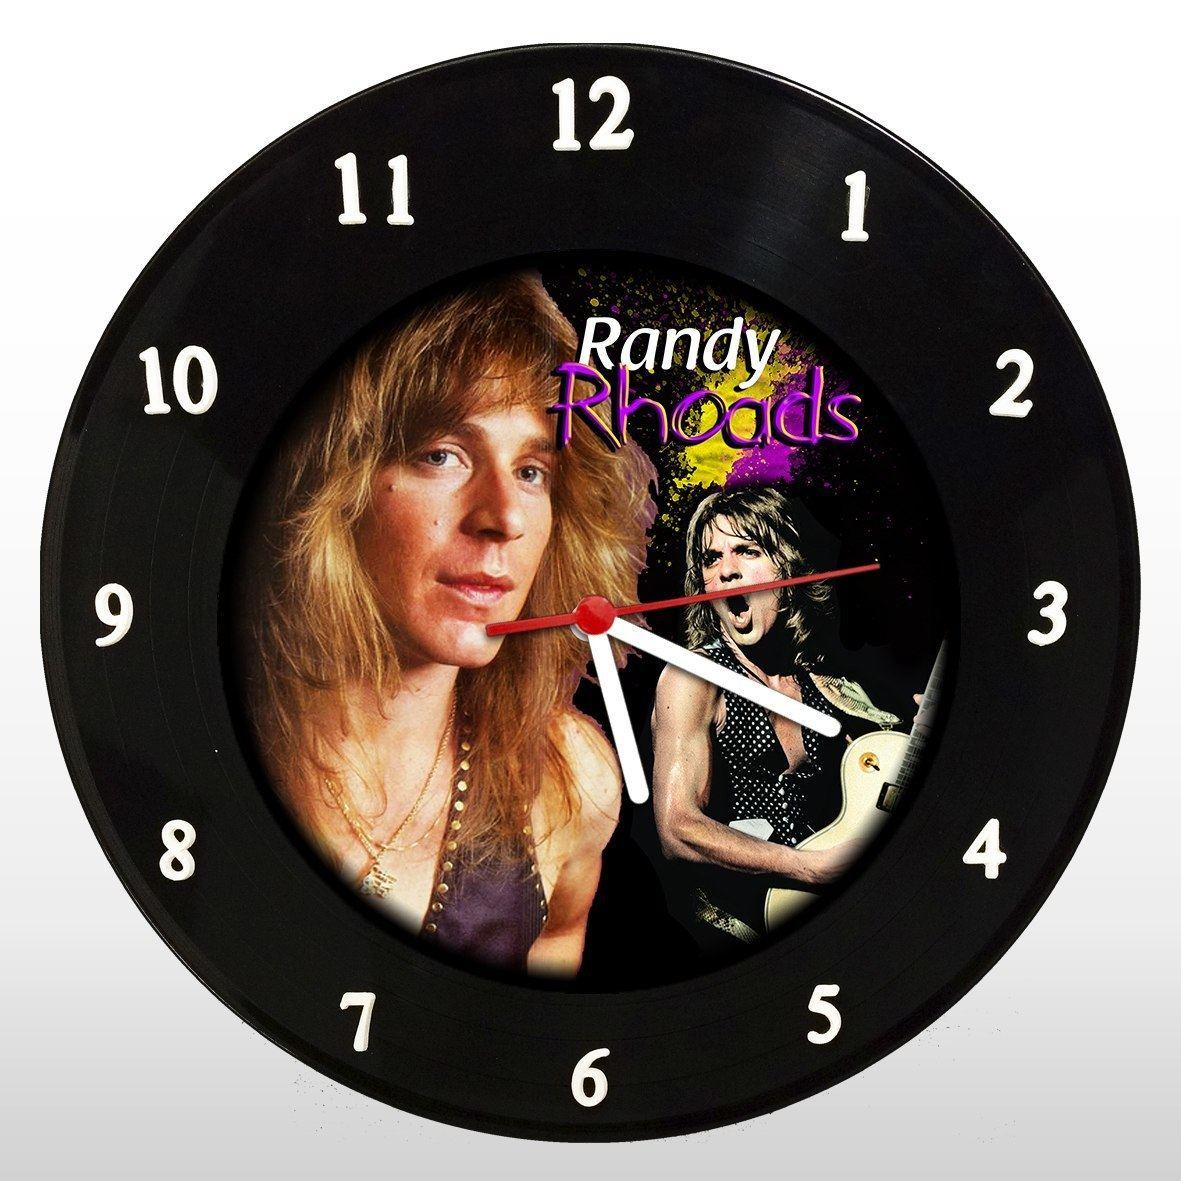 Randy Rhoads - Relógio de Parede em Disco de Vinil - Mr. Rock